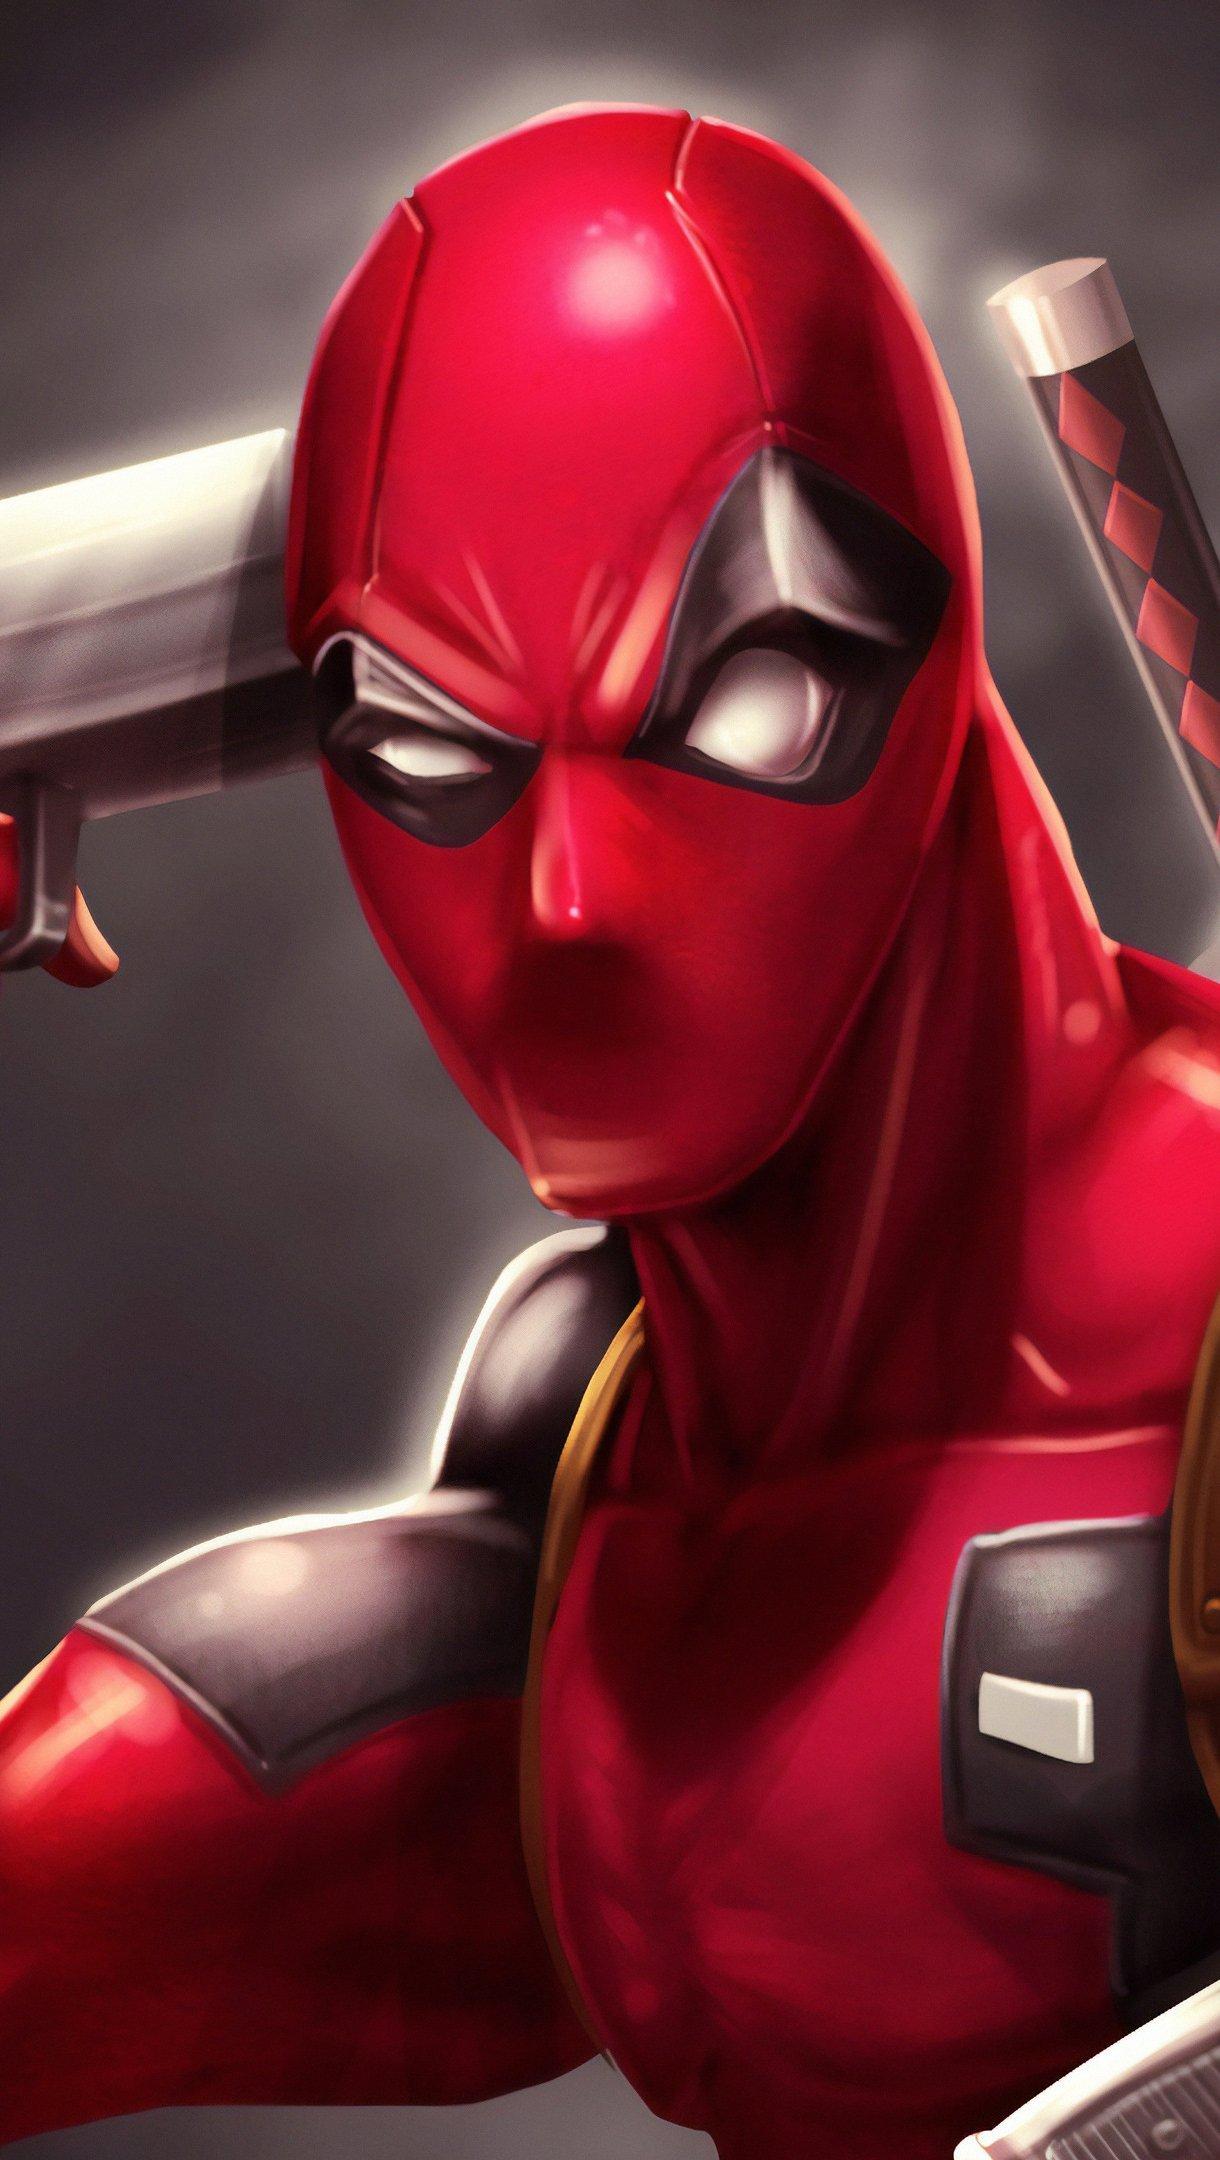 Fondos de pantalla Deadpool con pistola Fanart Vertical